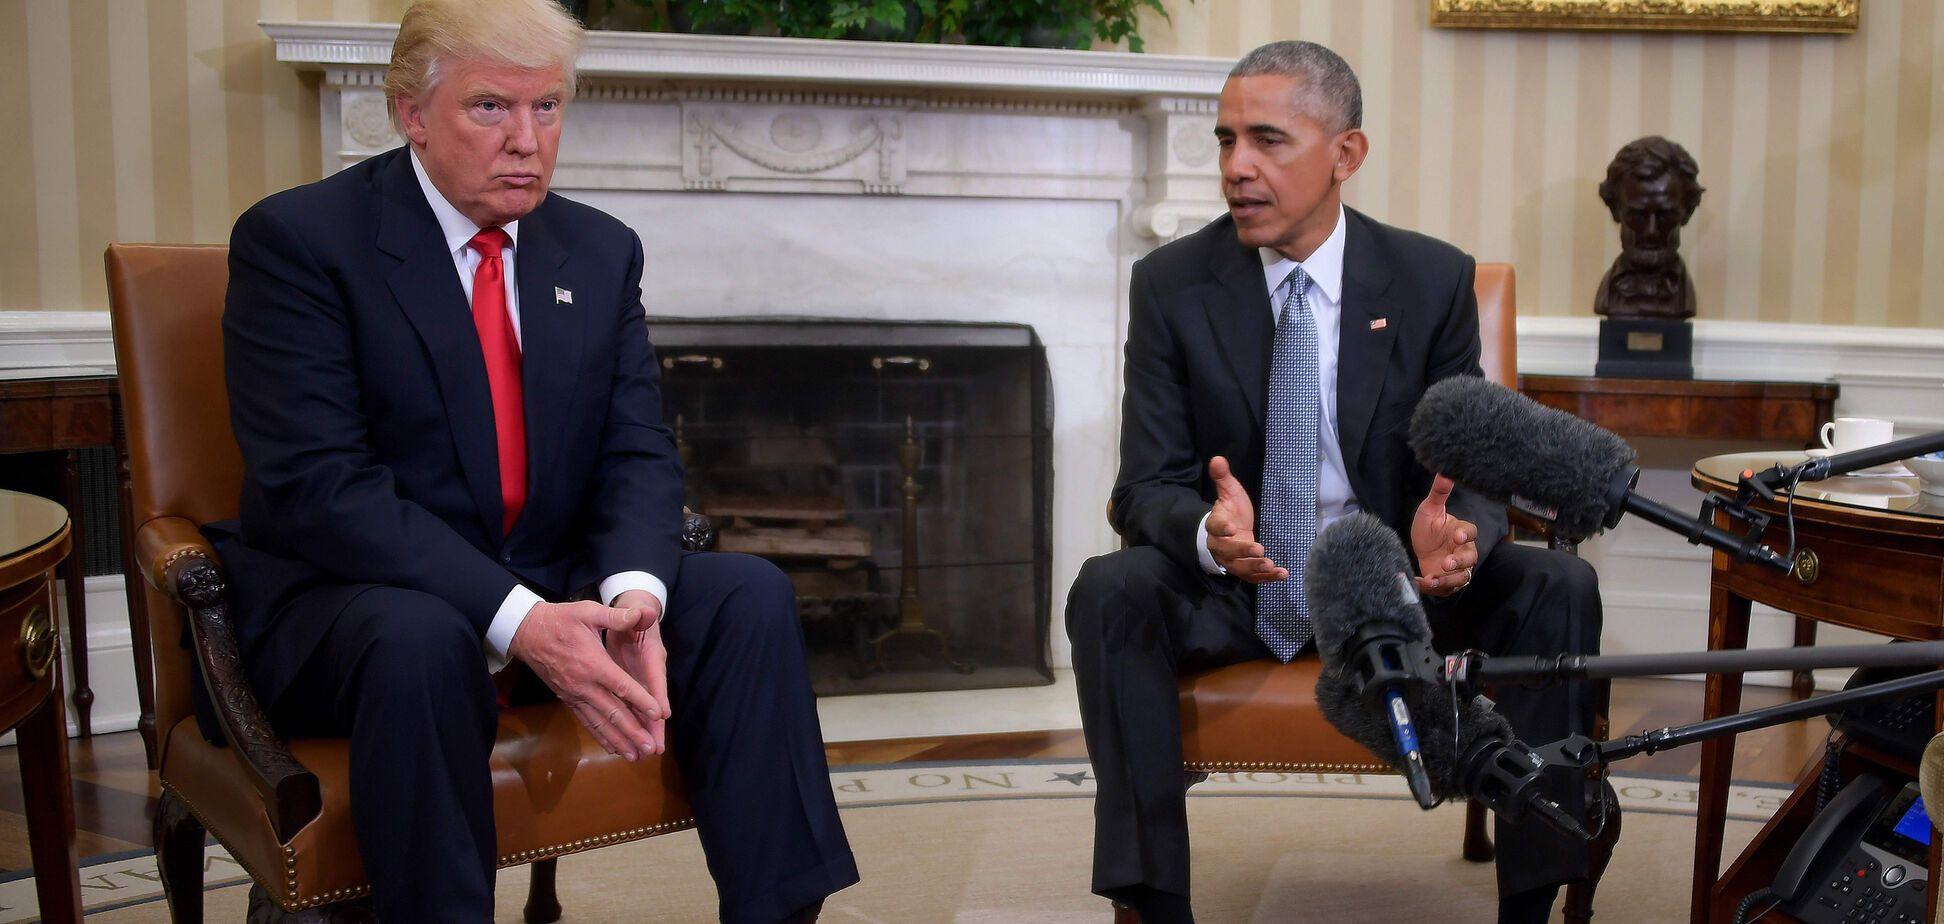 Дональд Трамп, Барак Обама